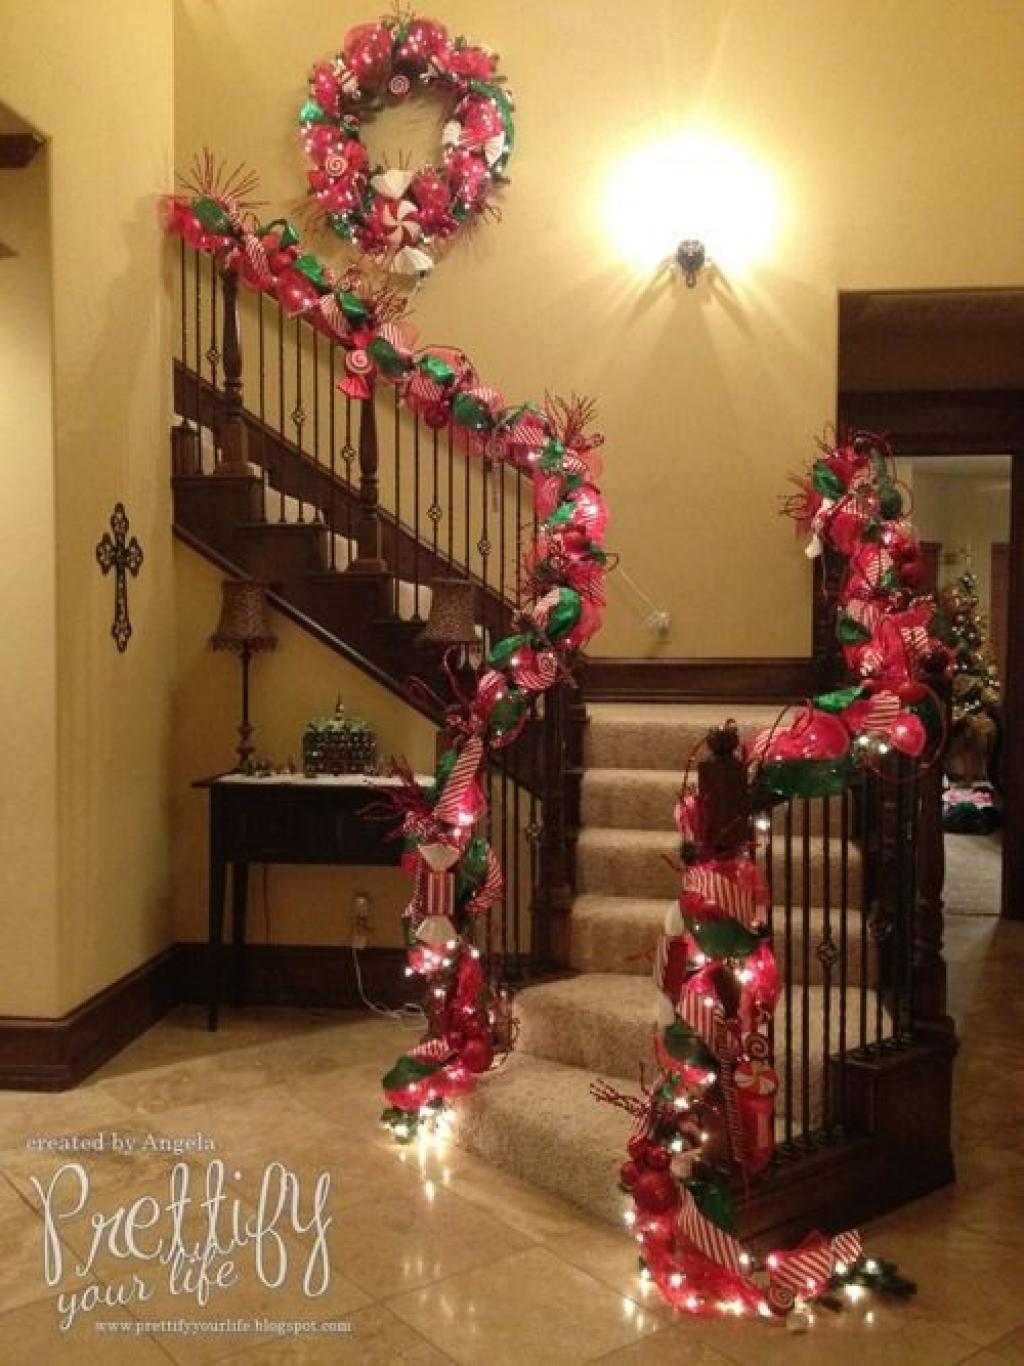 15 id es originales pour d corer votre escalier pour no l et les f tes de fin d 39 ann e - Decoration escalier noel ...